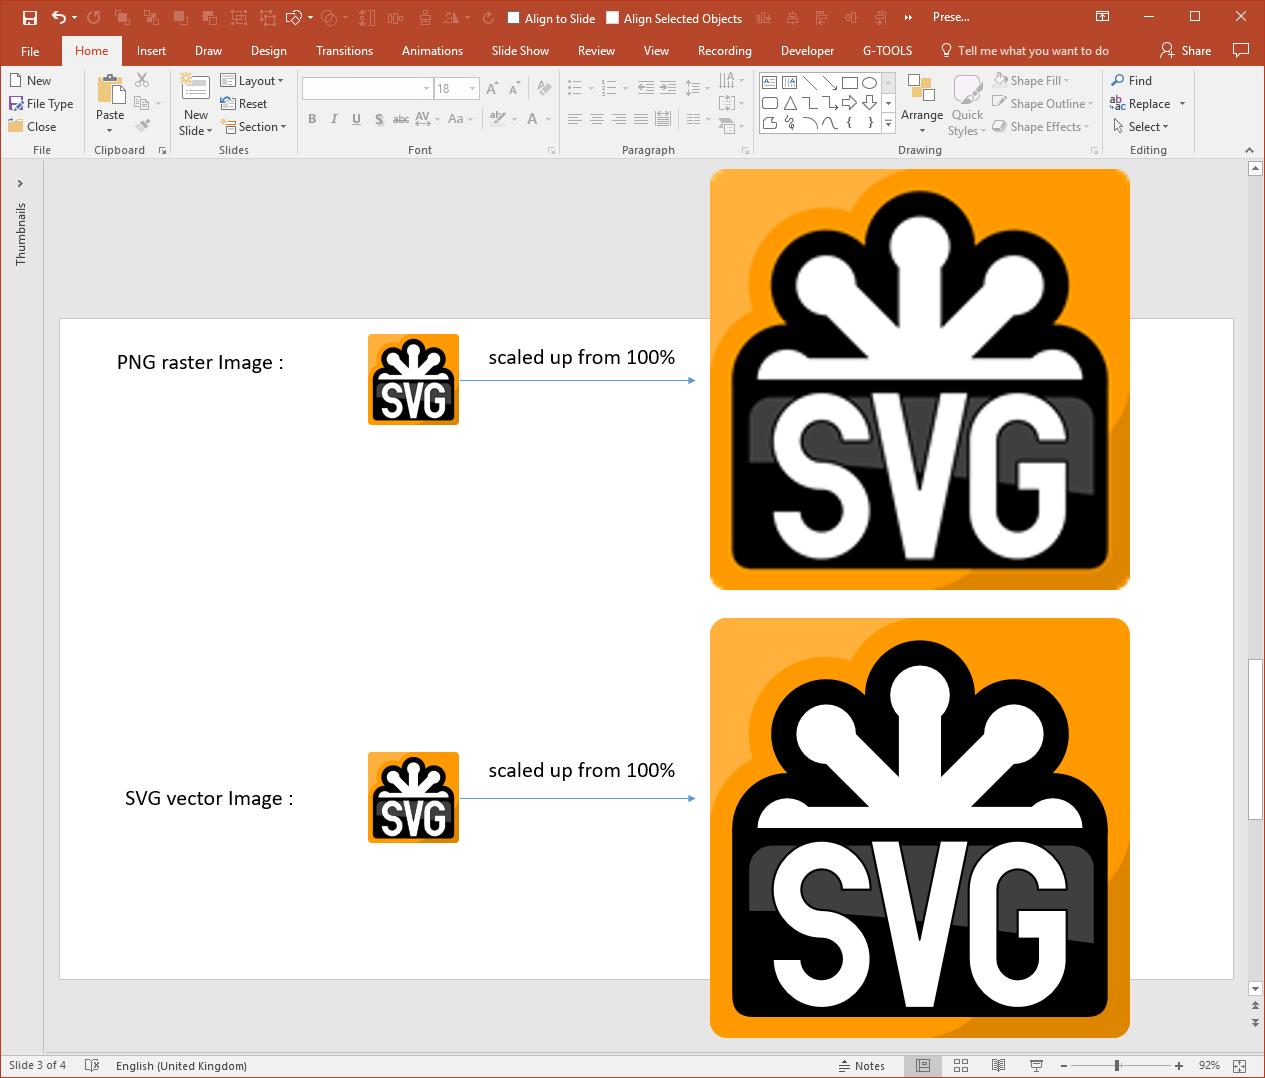 PowerPoint PNG SVG Comparison